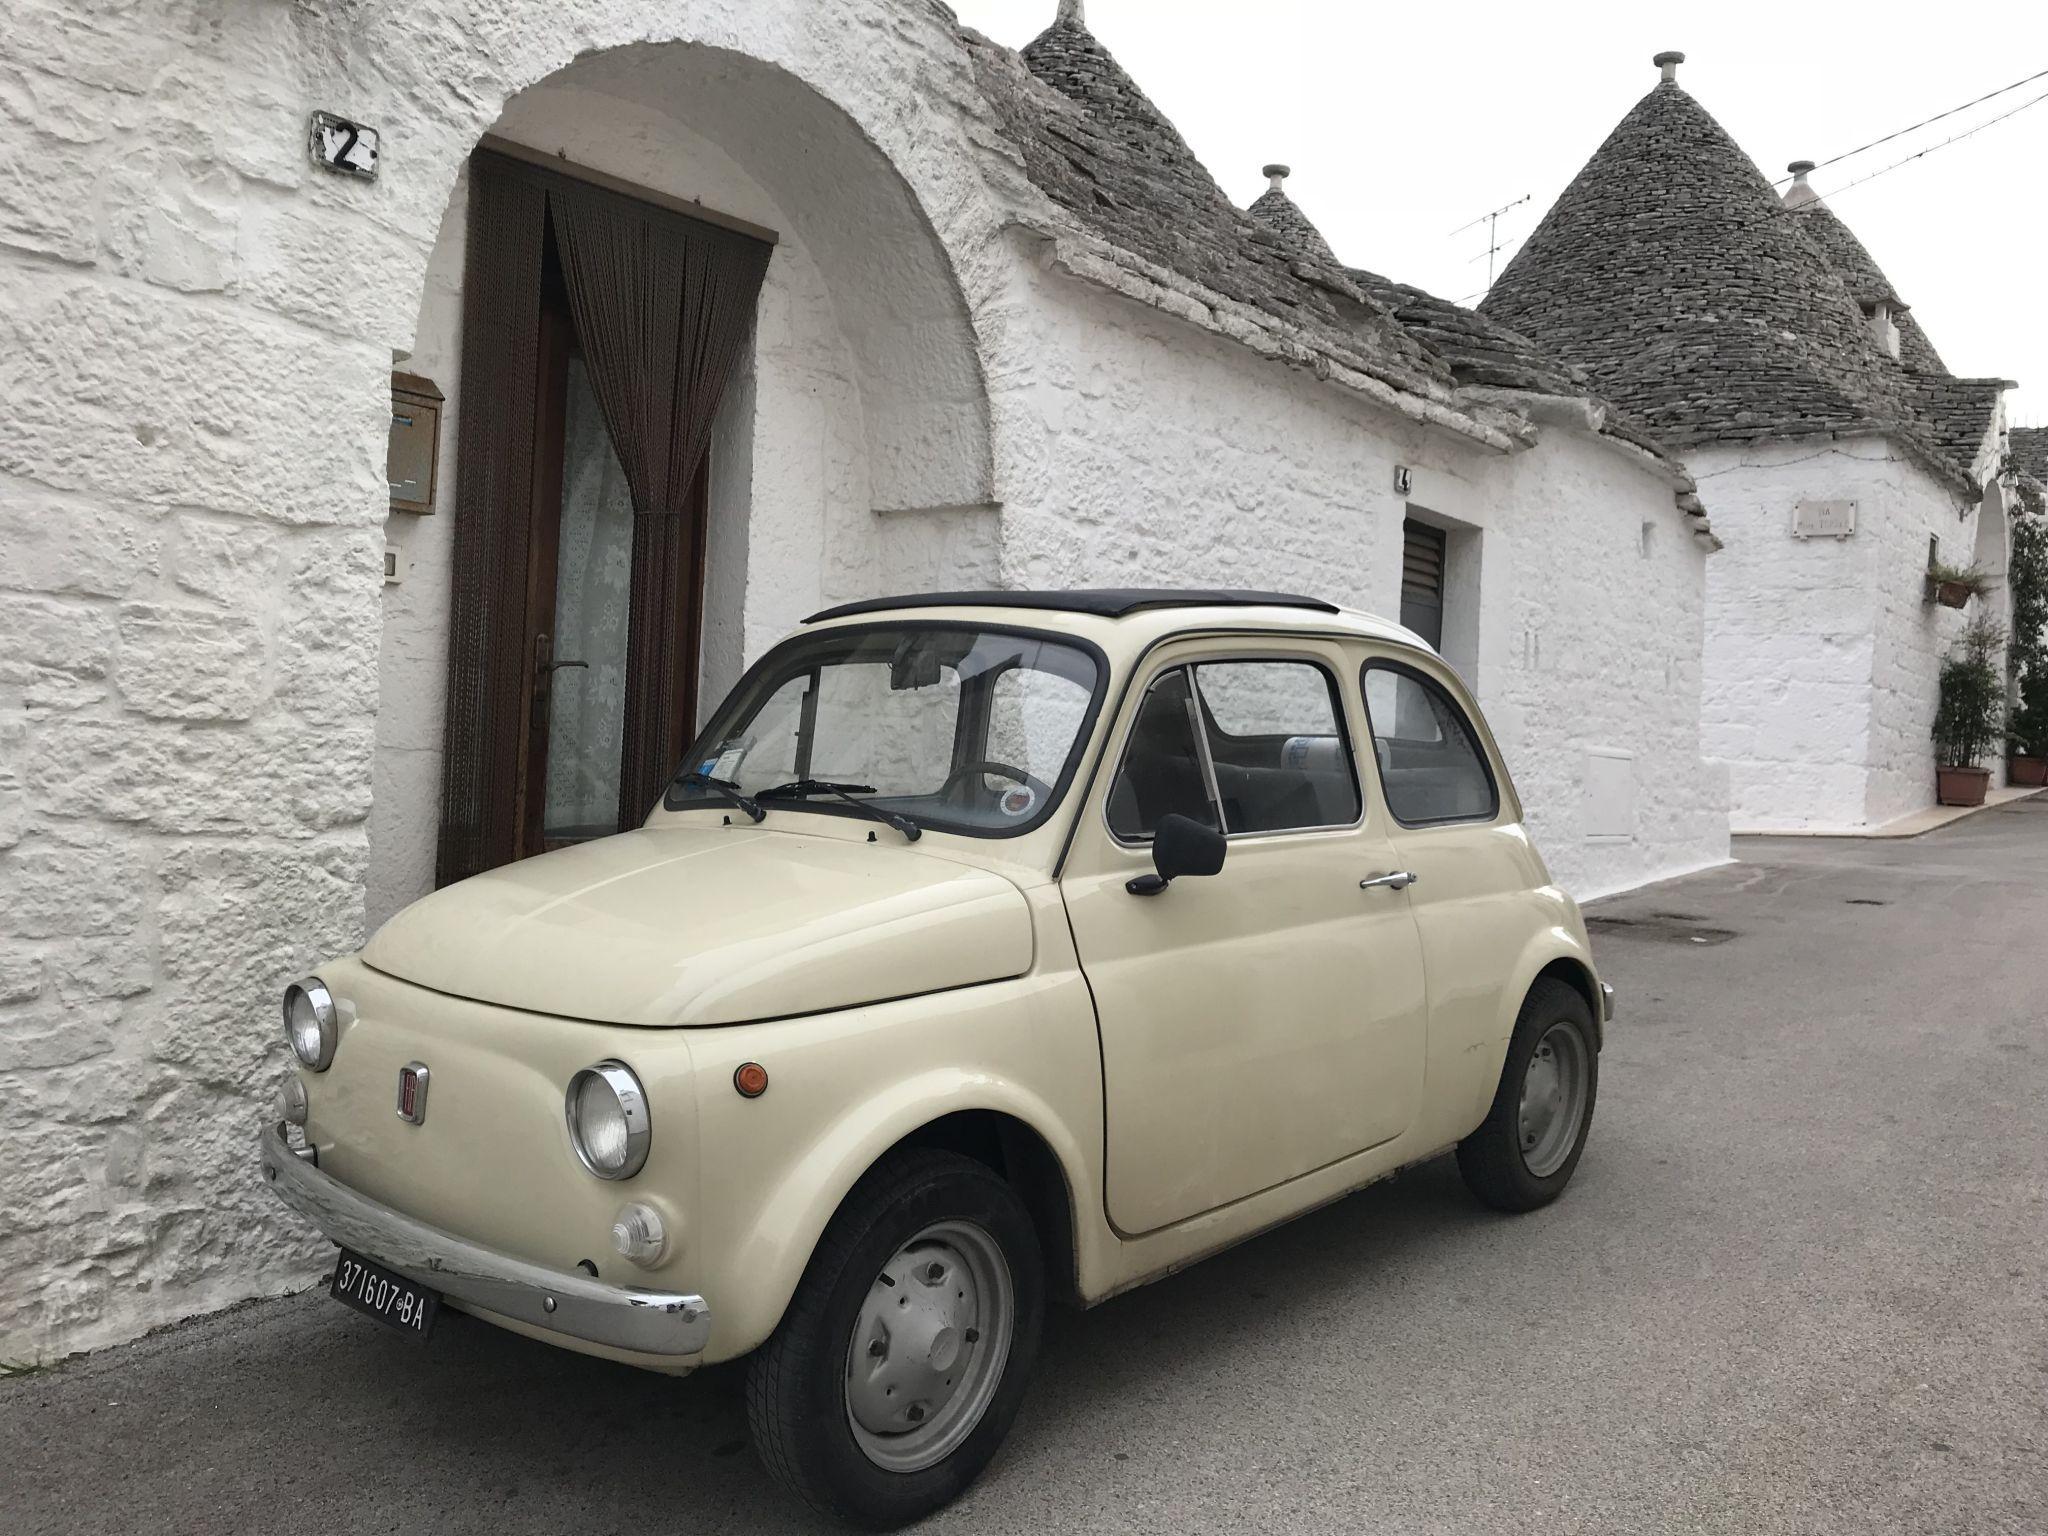 mini fiat 500 in Alberobello Puglia Southern Italy